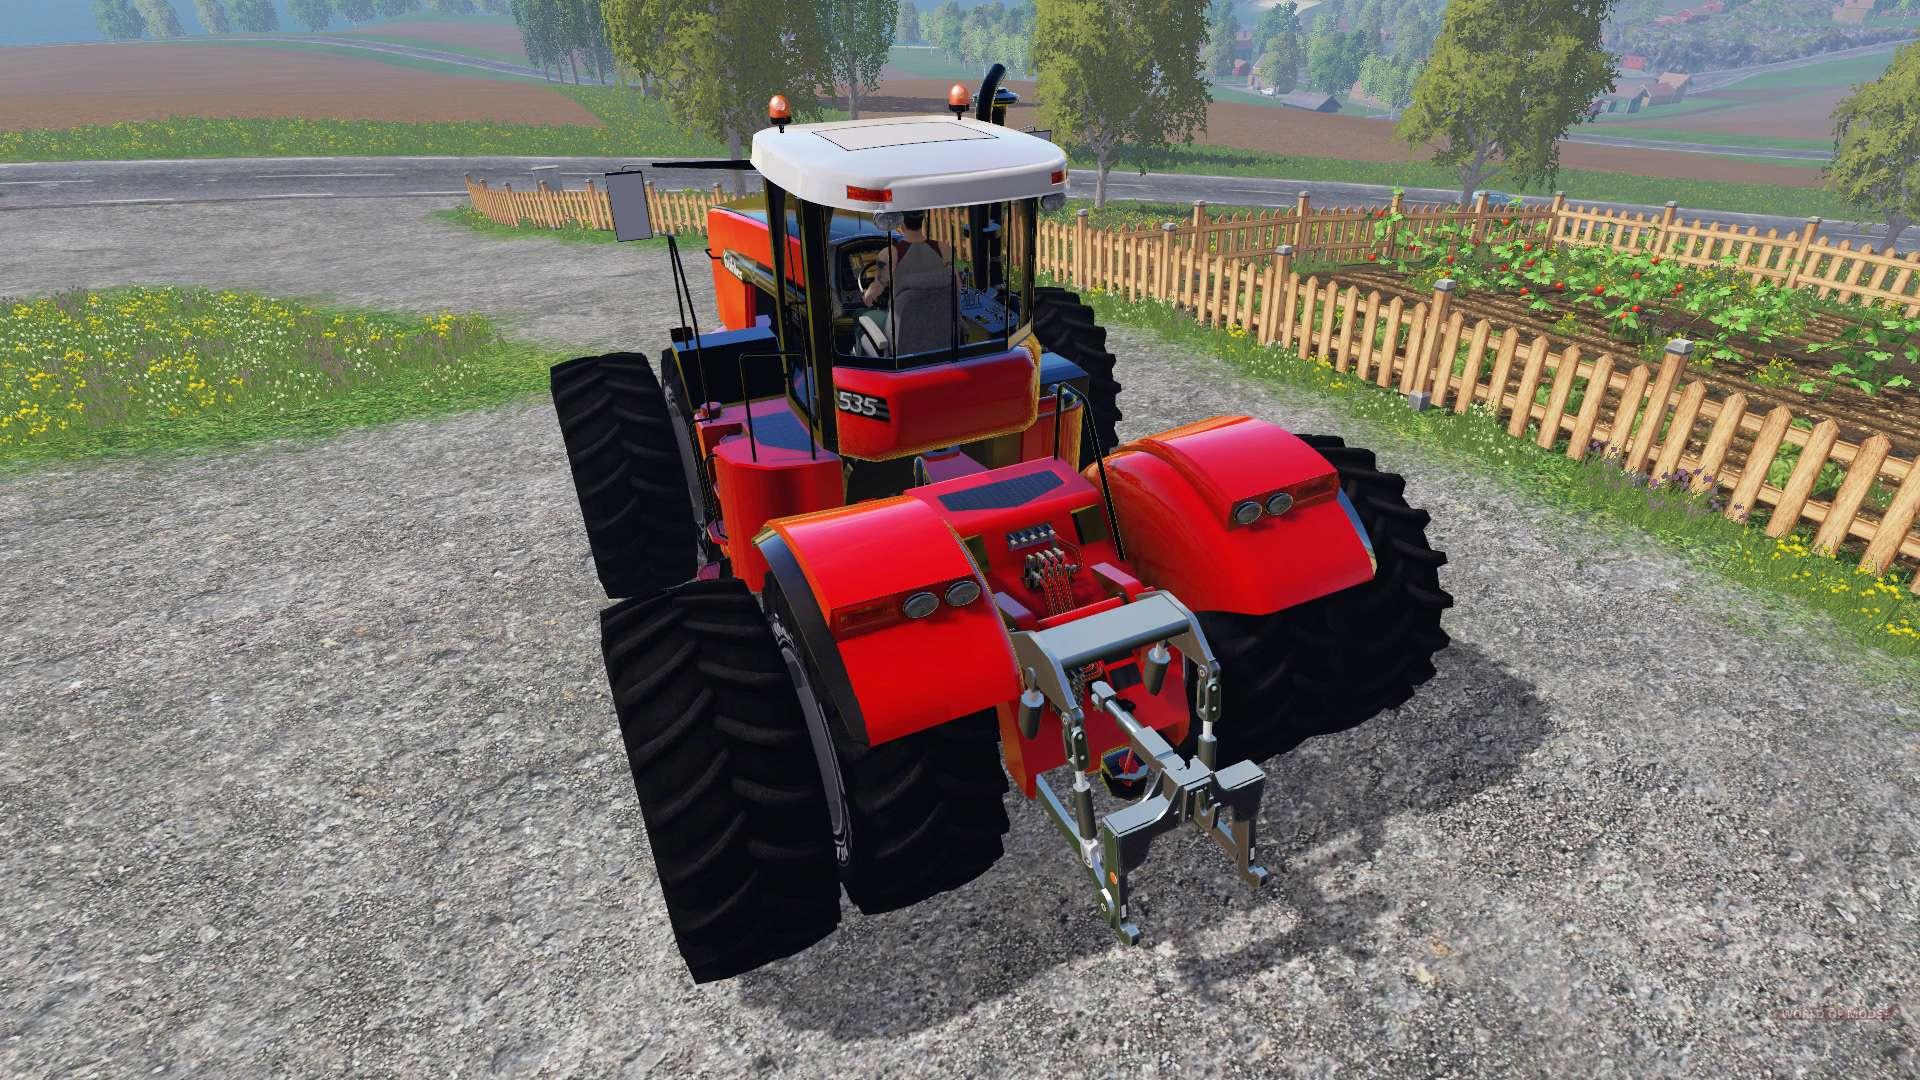 roues de tracteur agricole - photo #48